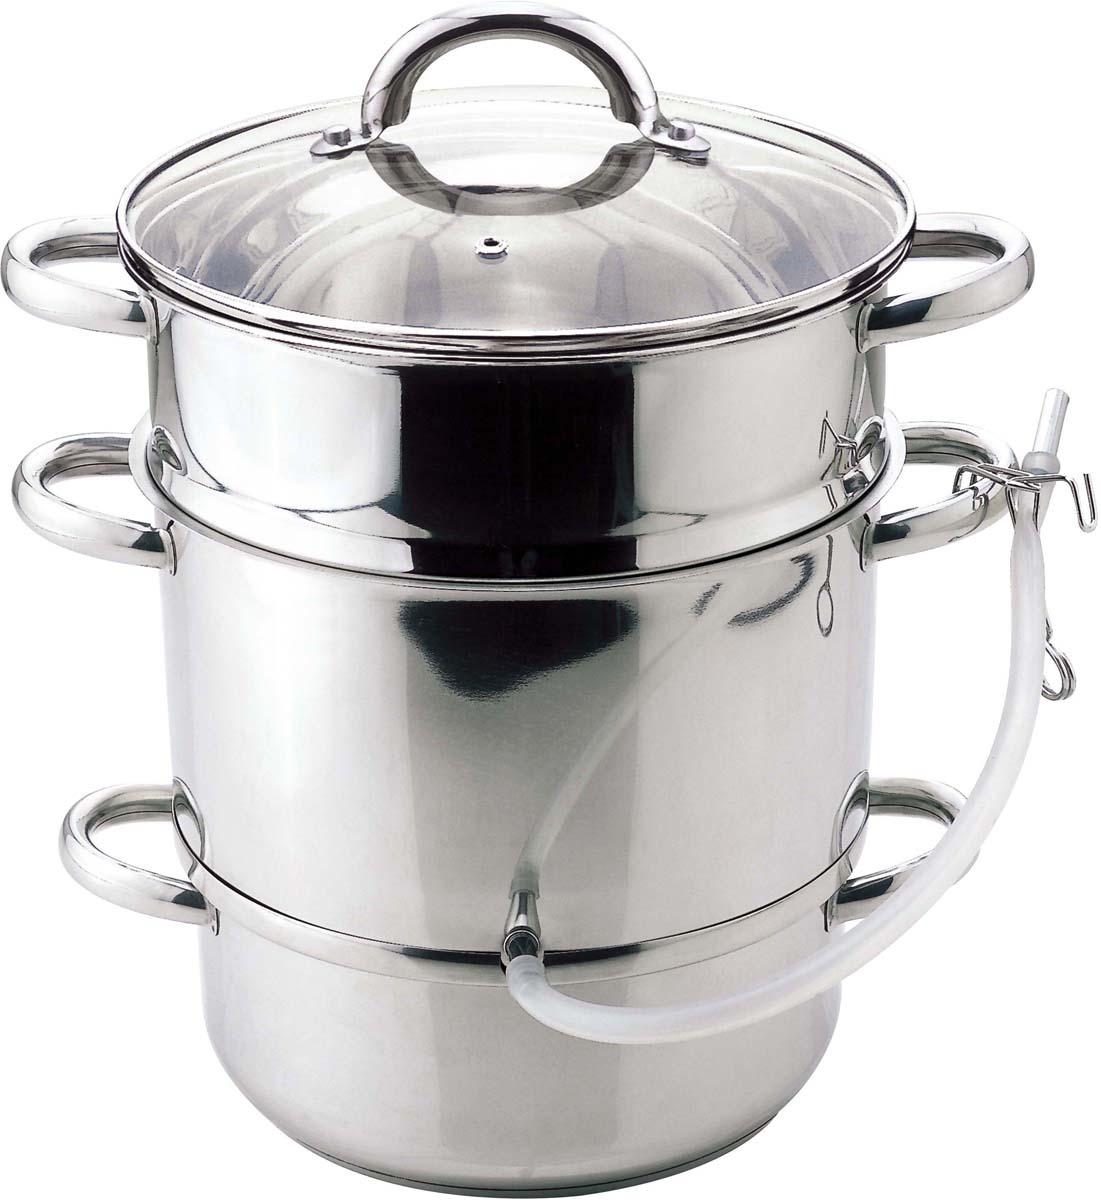 Объем 8л. Кастрюли: нижняя  4,9л(24 х 11см),  кастрюля для сока 2,8(26 х 16см), поддон для фруктов и овощей (26 х 16).Крышка стеклянная, ручки из нержавеющей стали,капсулированное дно.,резиновая трубка для слива сока с зажимом, поверхность зерк.Подходит для индукционных плит и чистки в посудомоечной машине. Состав: нержавеющая сталь.